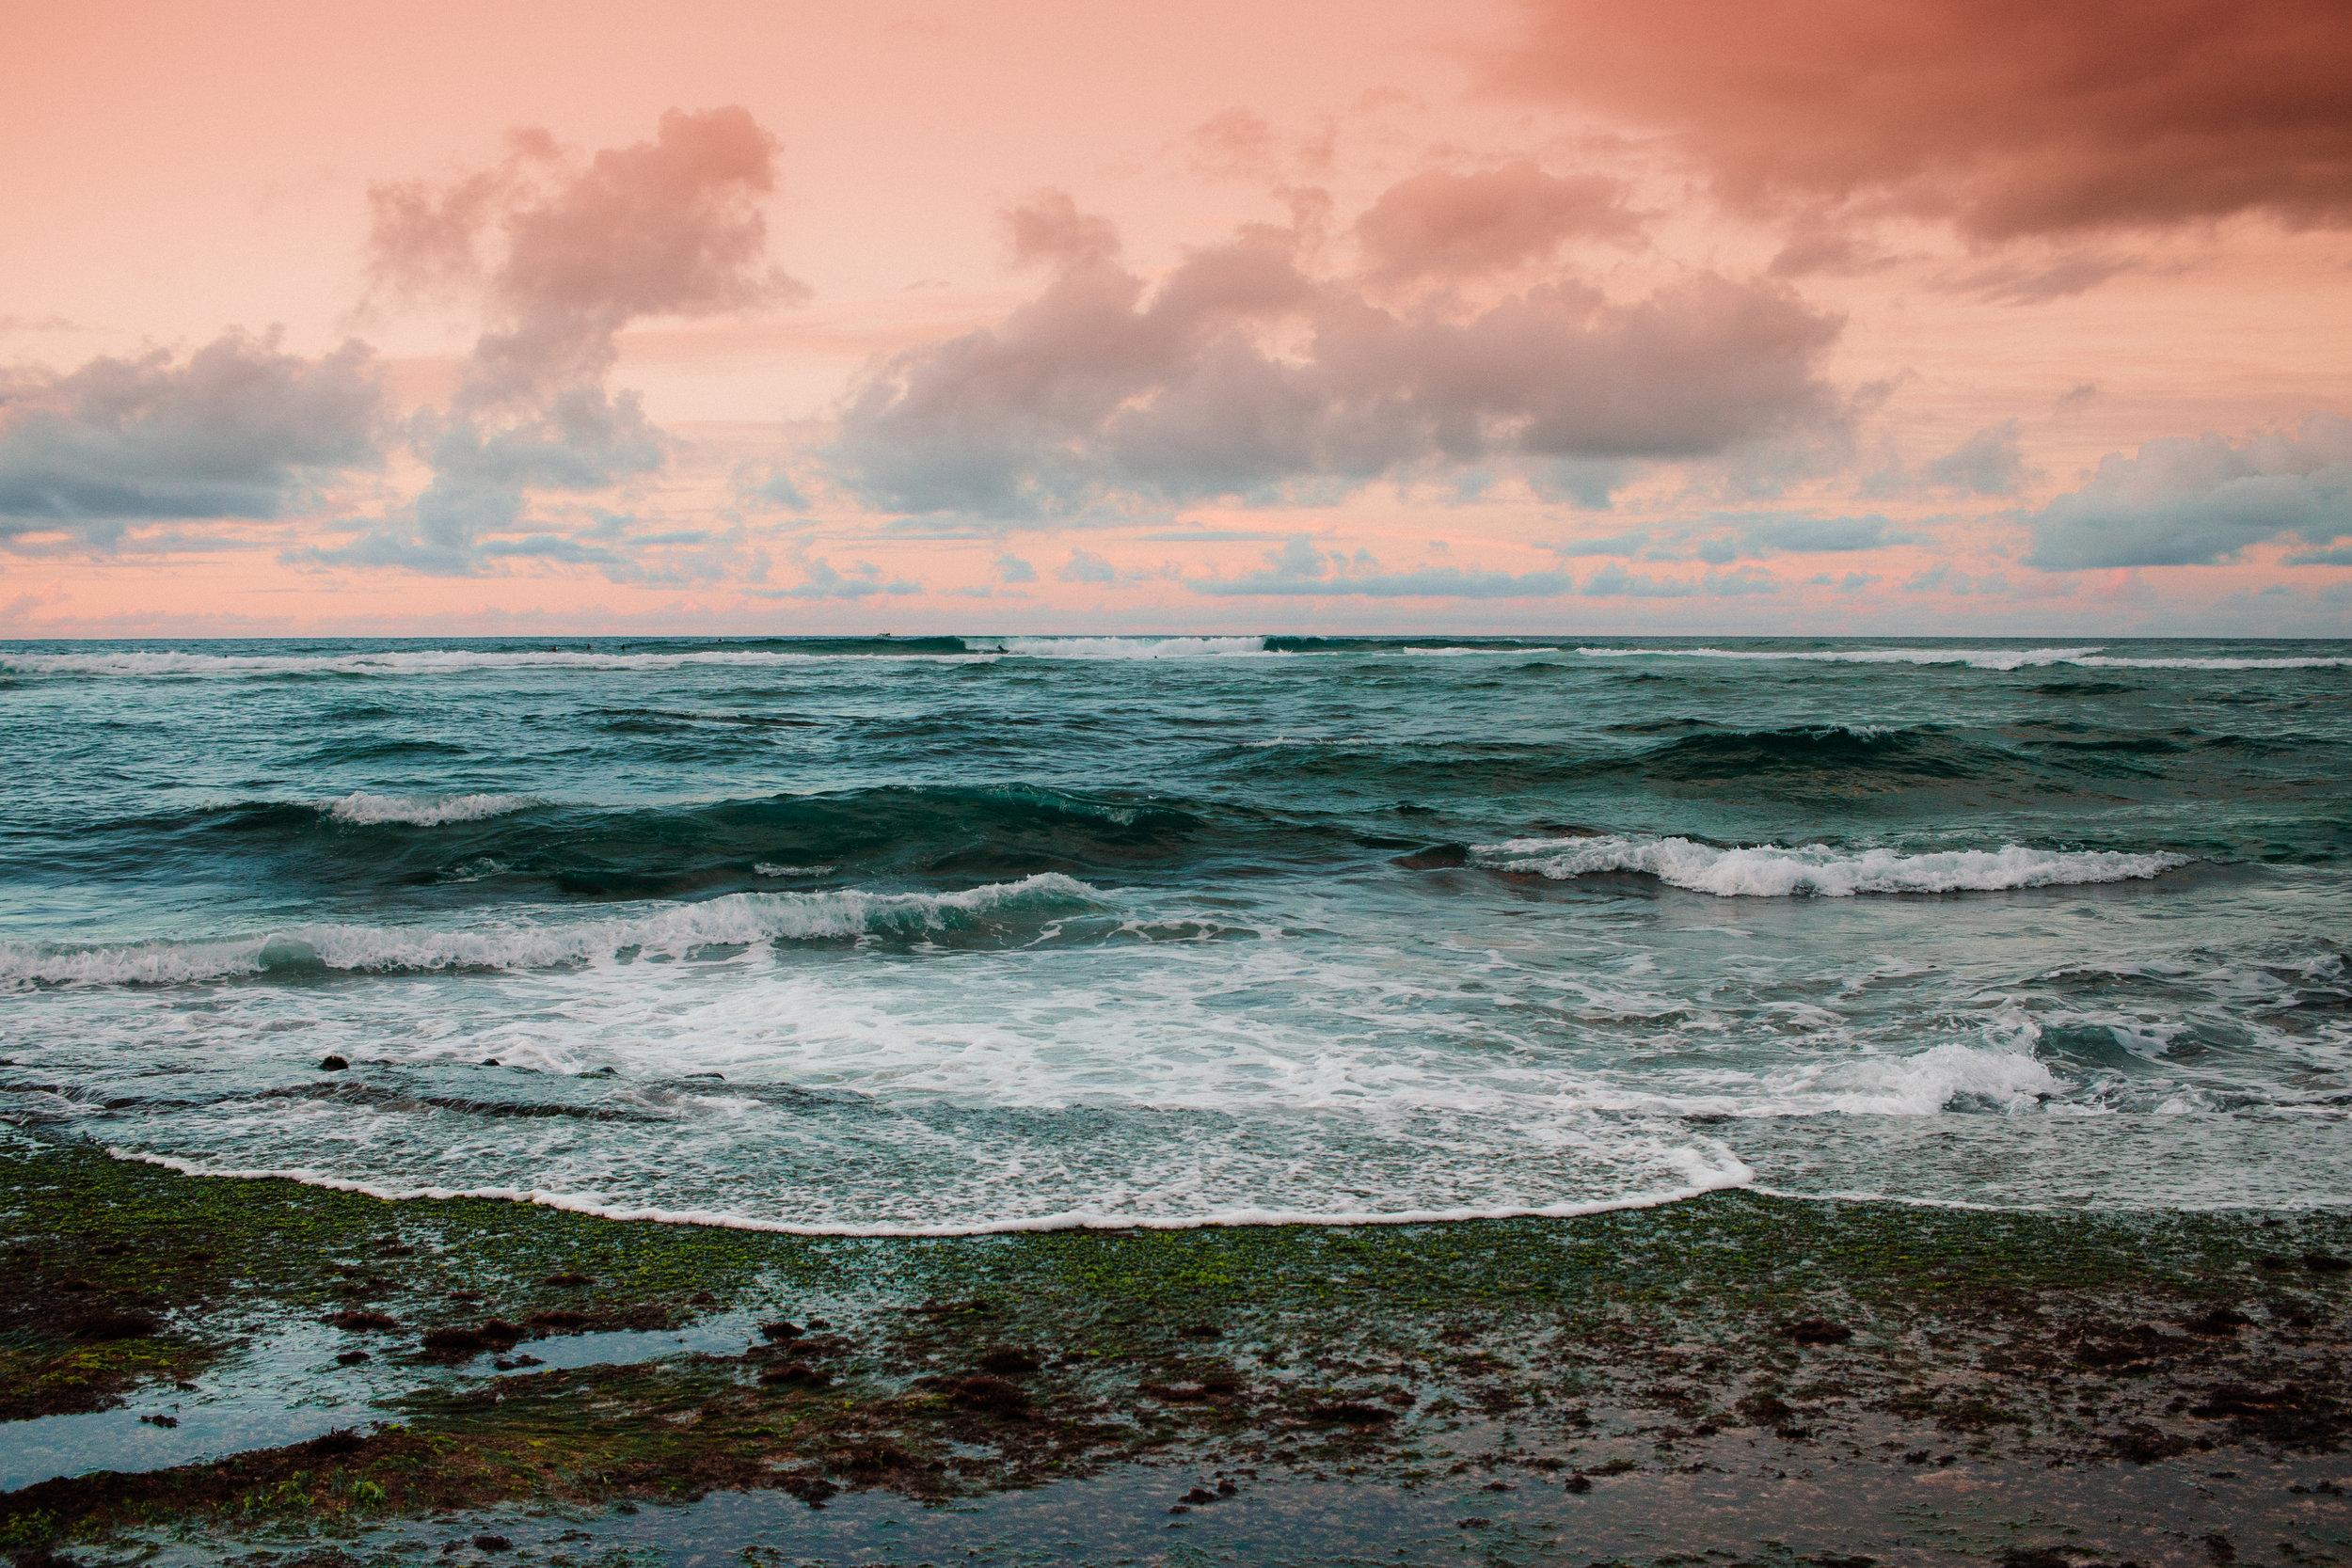 The Beach copyright Jordan Swain